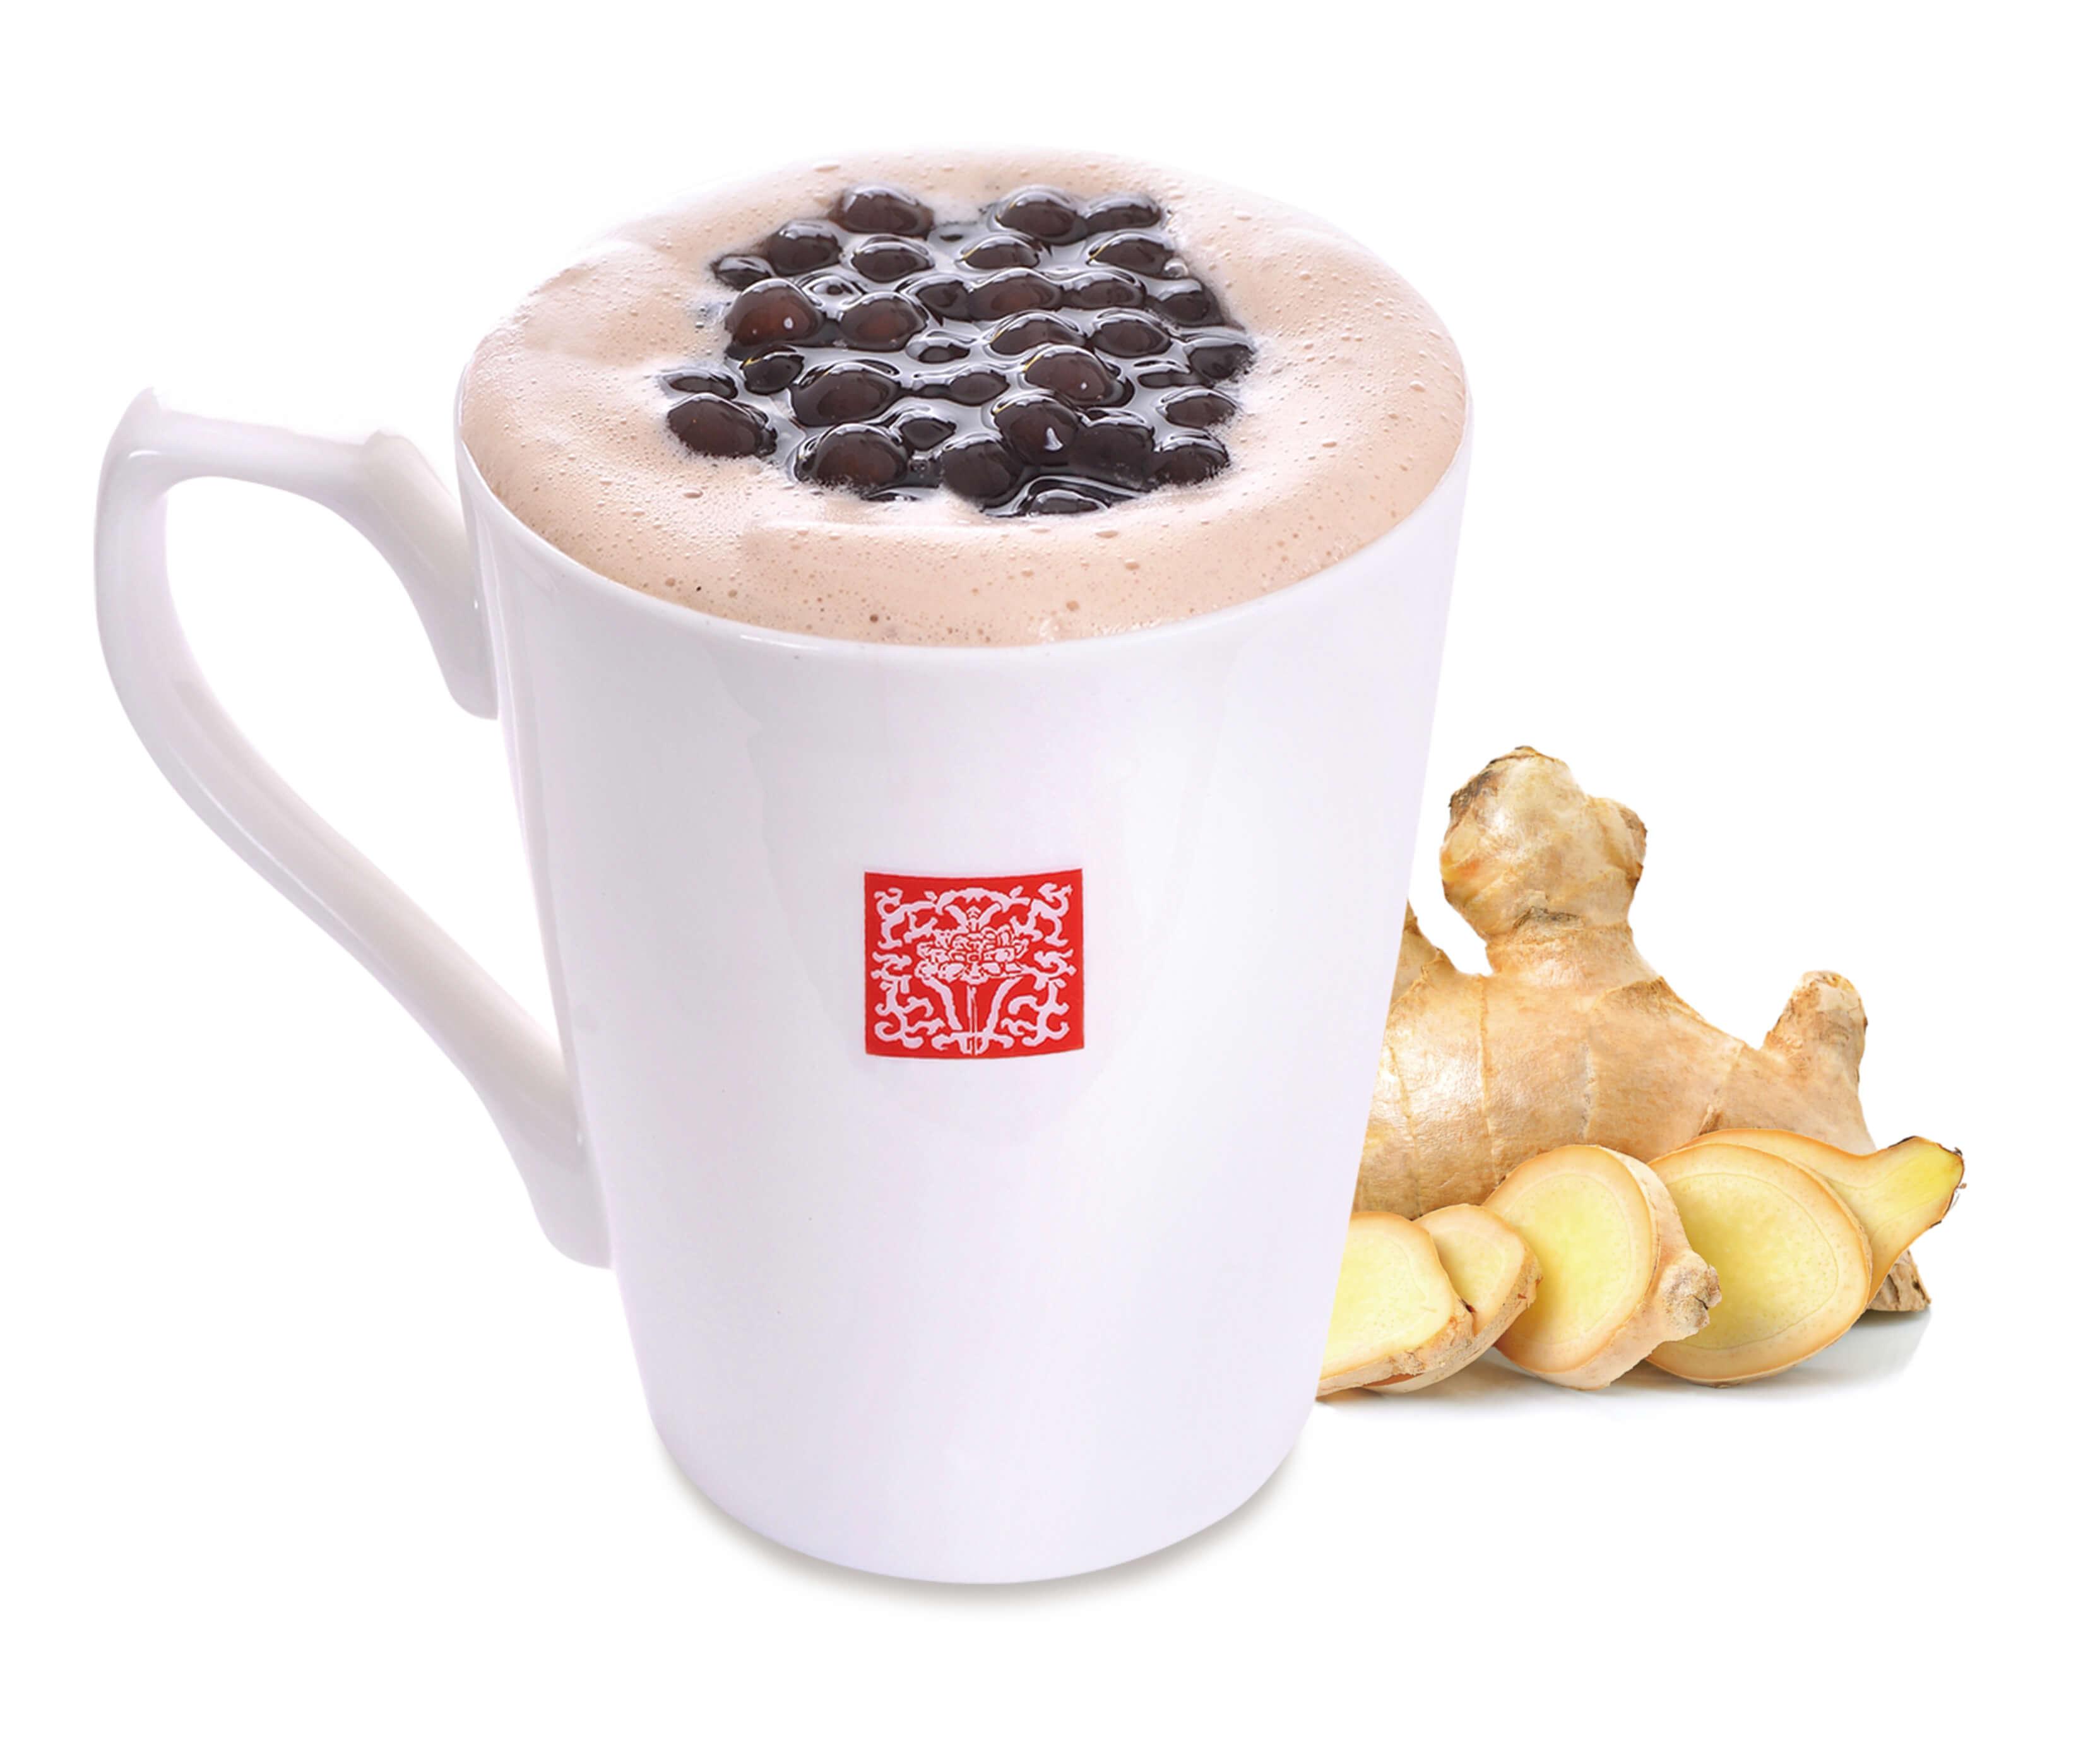 珍珠奶茶起源店春水堂 白巧克力抹茶登場 | 咖啡廳,抹茶_,春水堂_, | 日本 | 妞新聞 niusnews